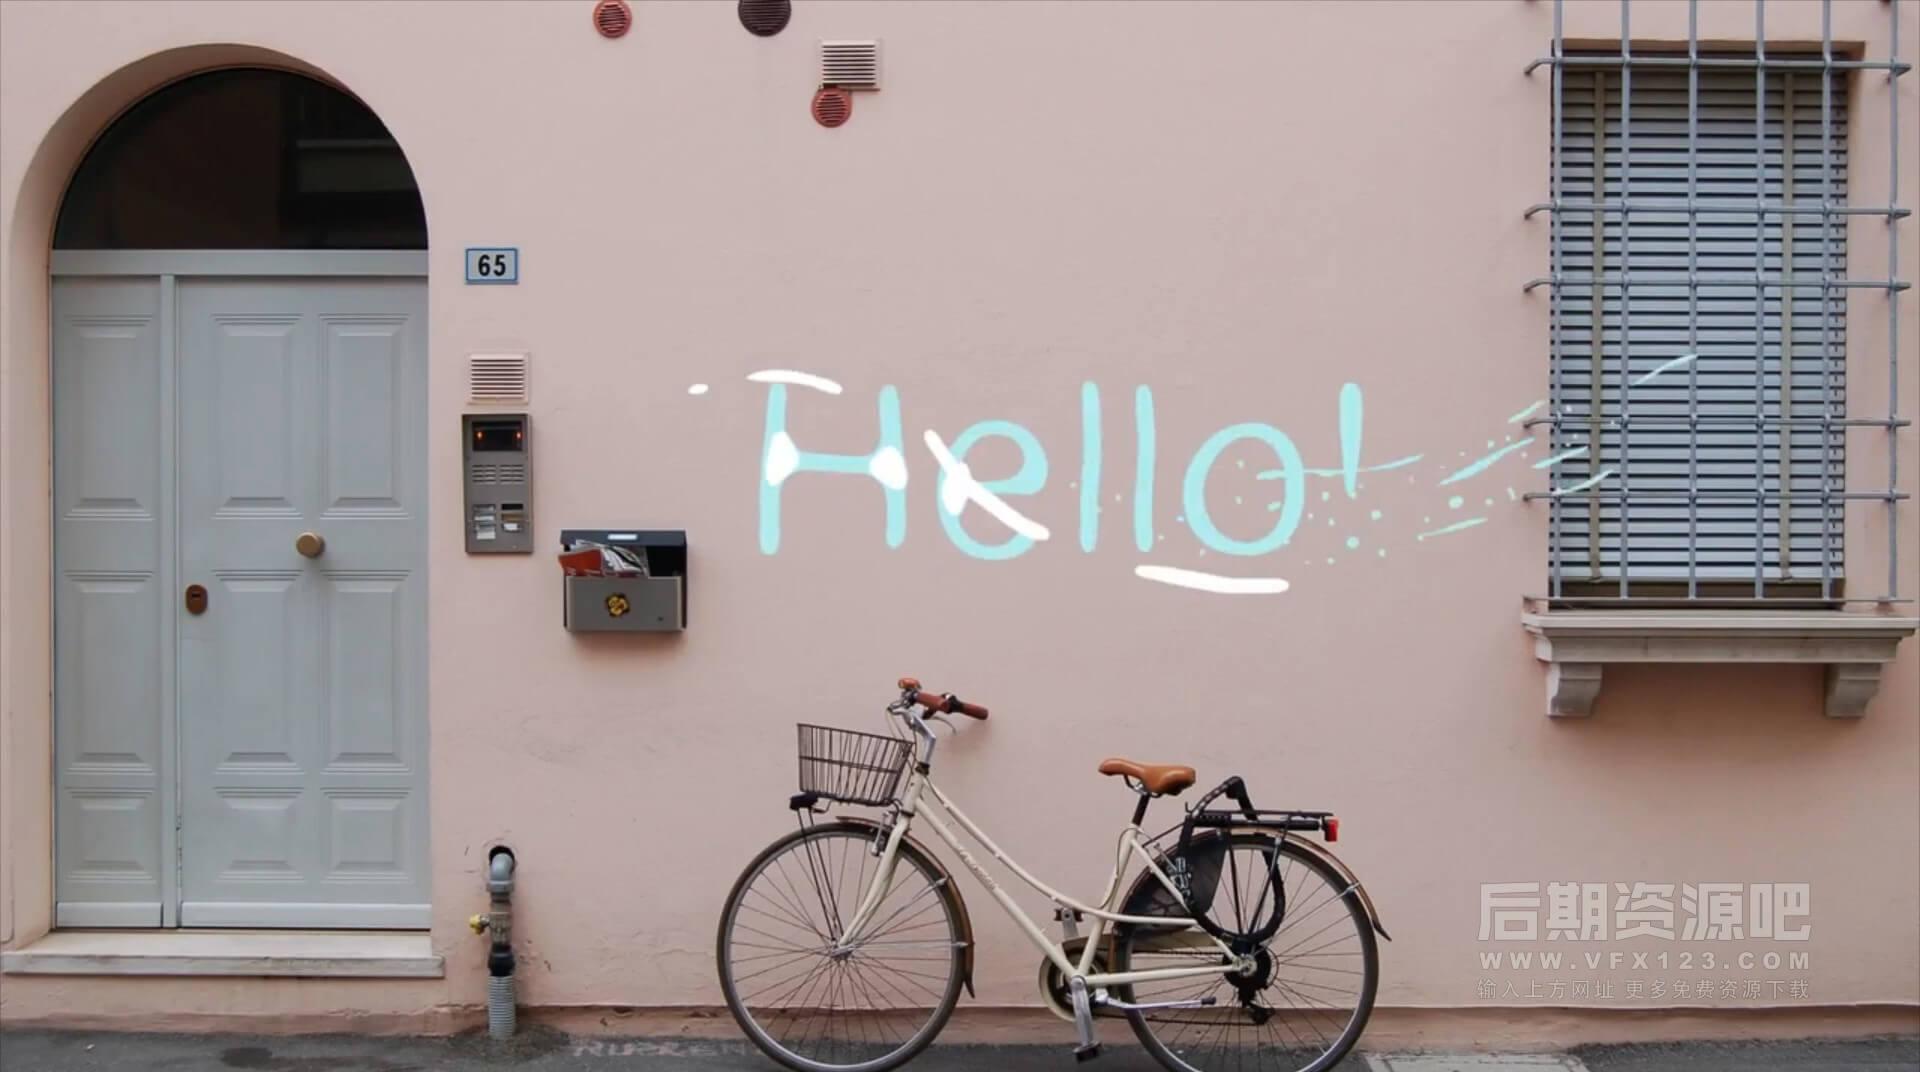 FCPX标题插件 10组卡通液体手绘字幕+音效 Vlog常用标题模板  2D Lyric Titles